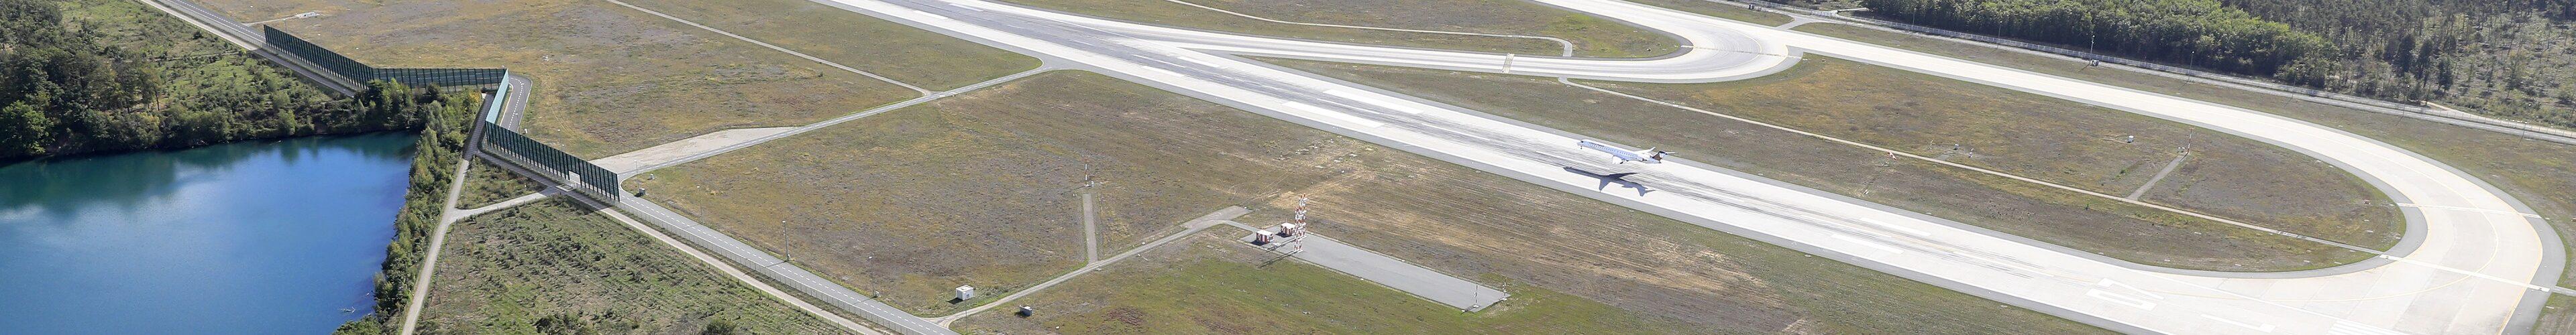 فرینکفرٹ ائیرپورٹ یکم جون سے شمال مغربی رن وے کو دوبارہ کھولے گا